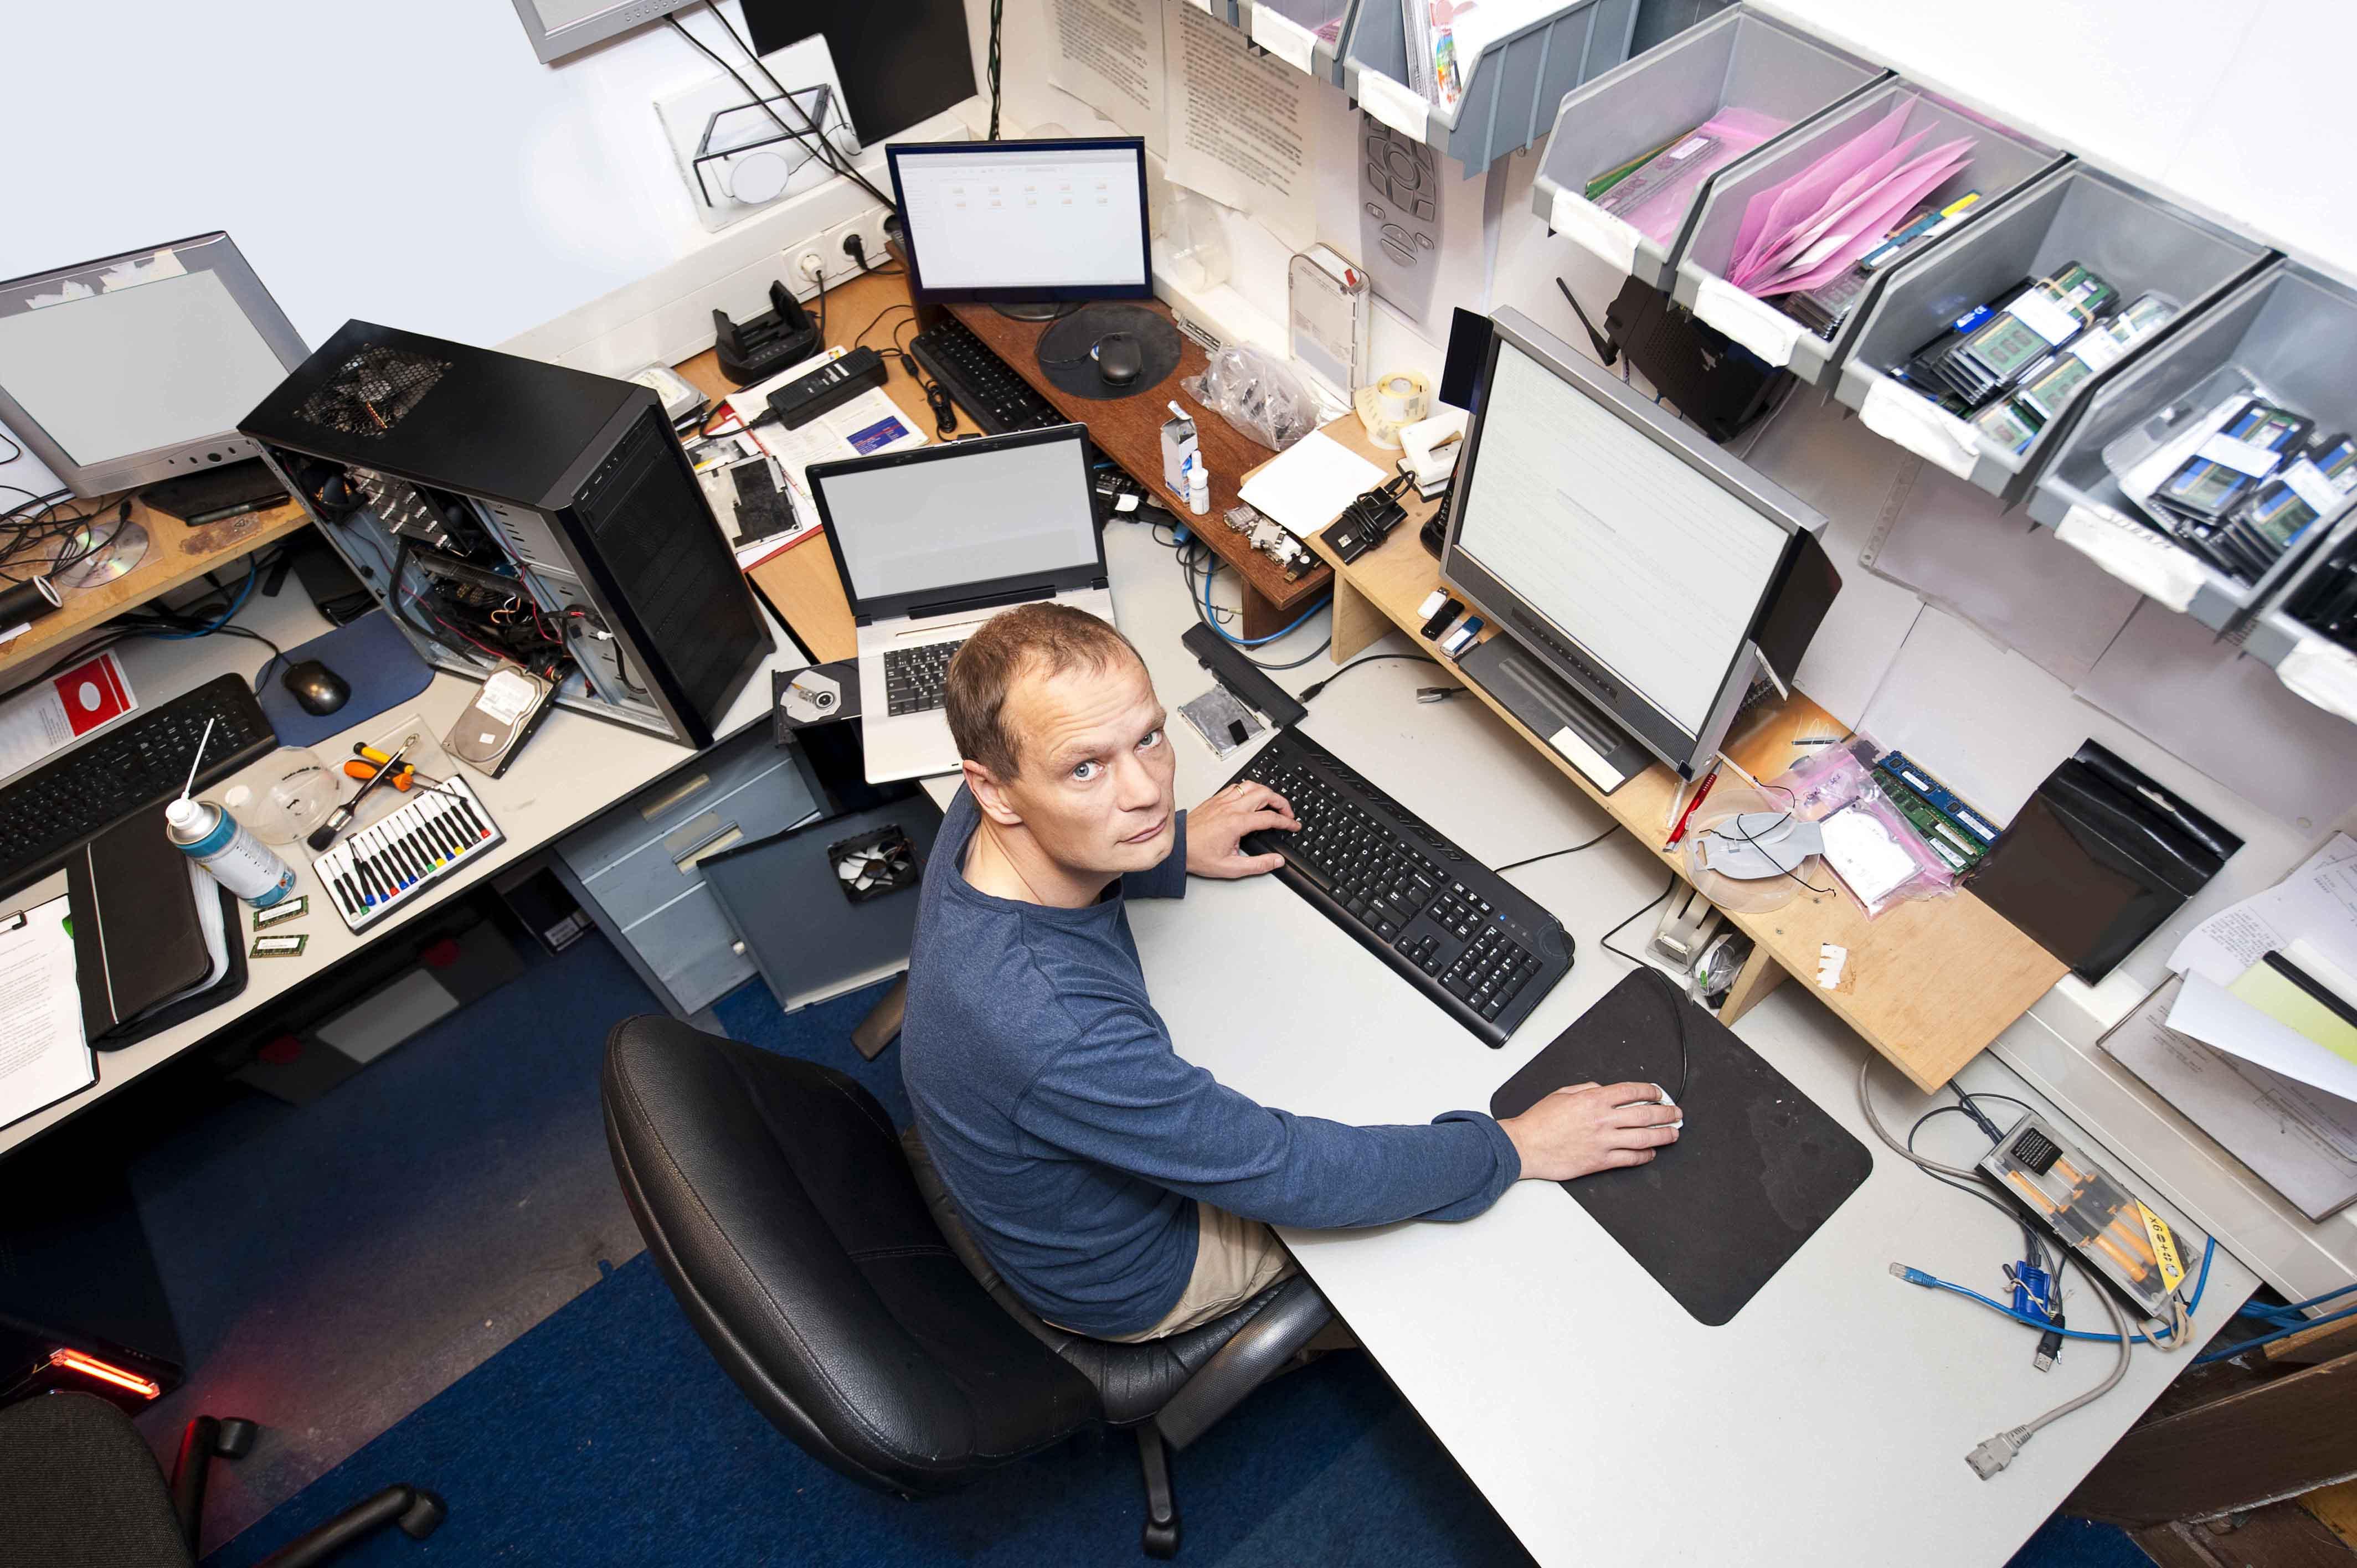 Chico trabajando en ordenador rodeado de piezas informáticas